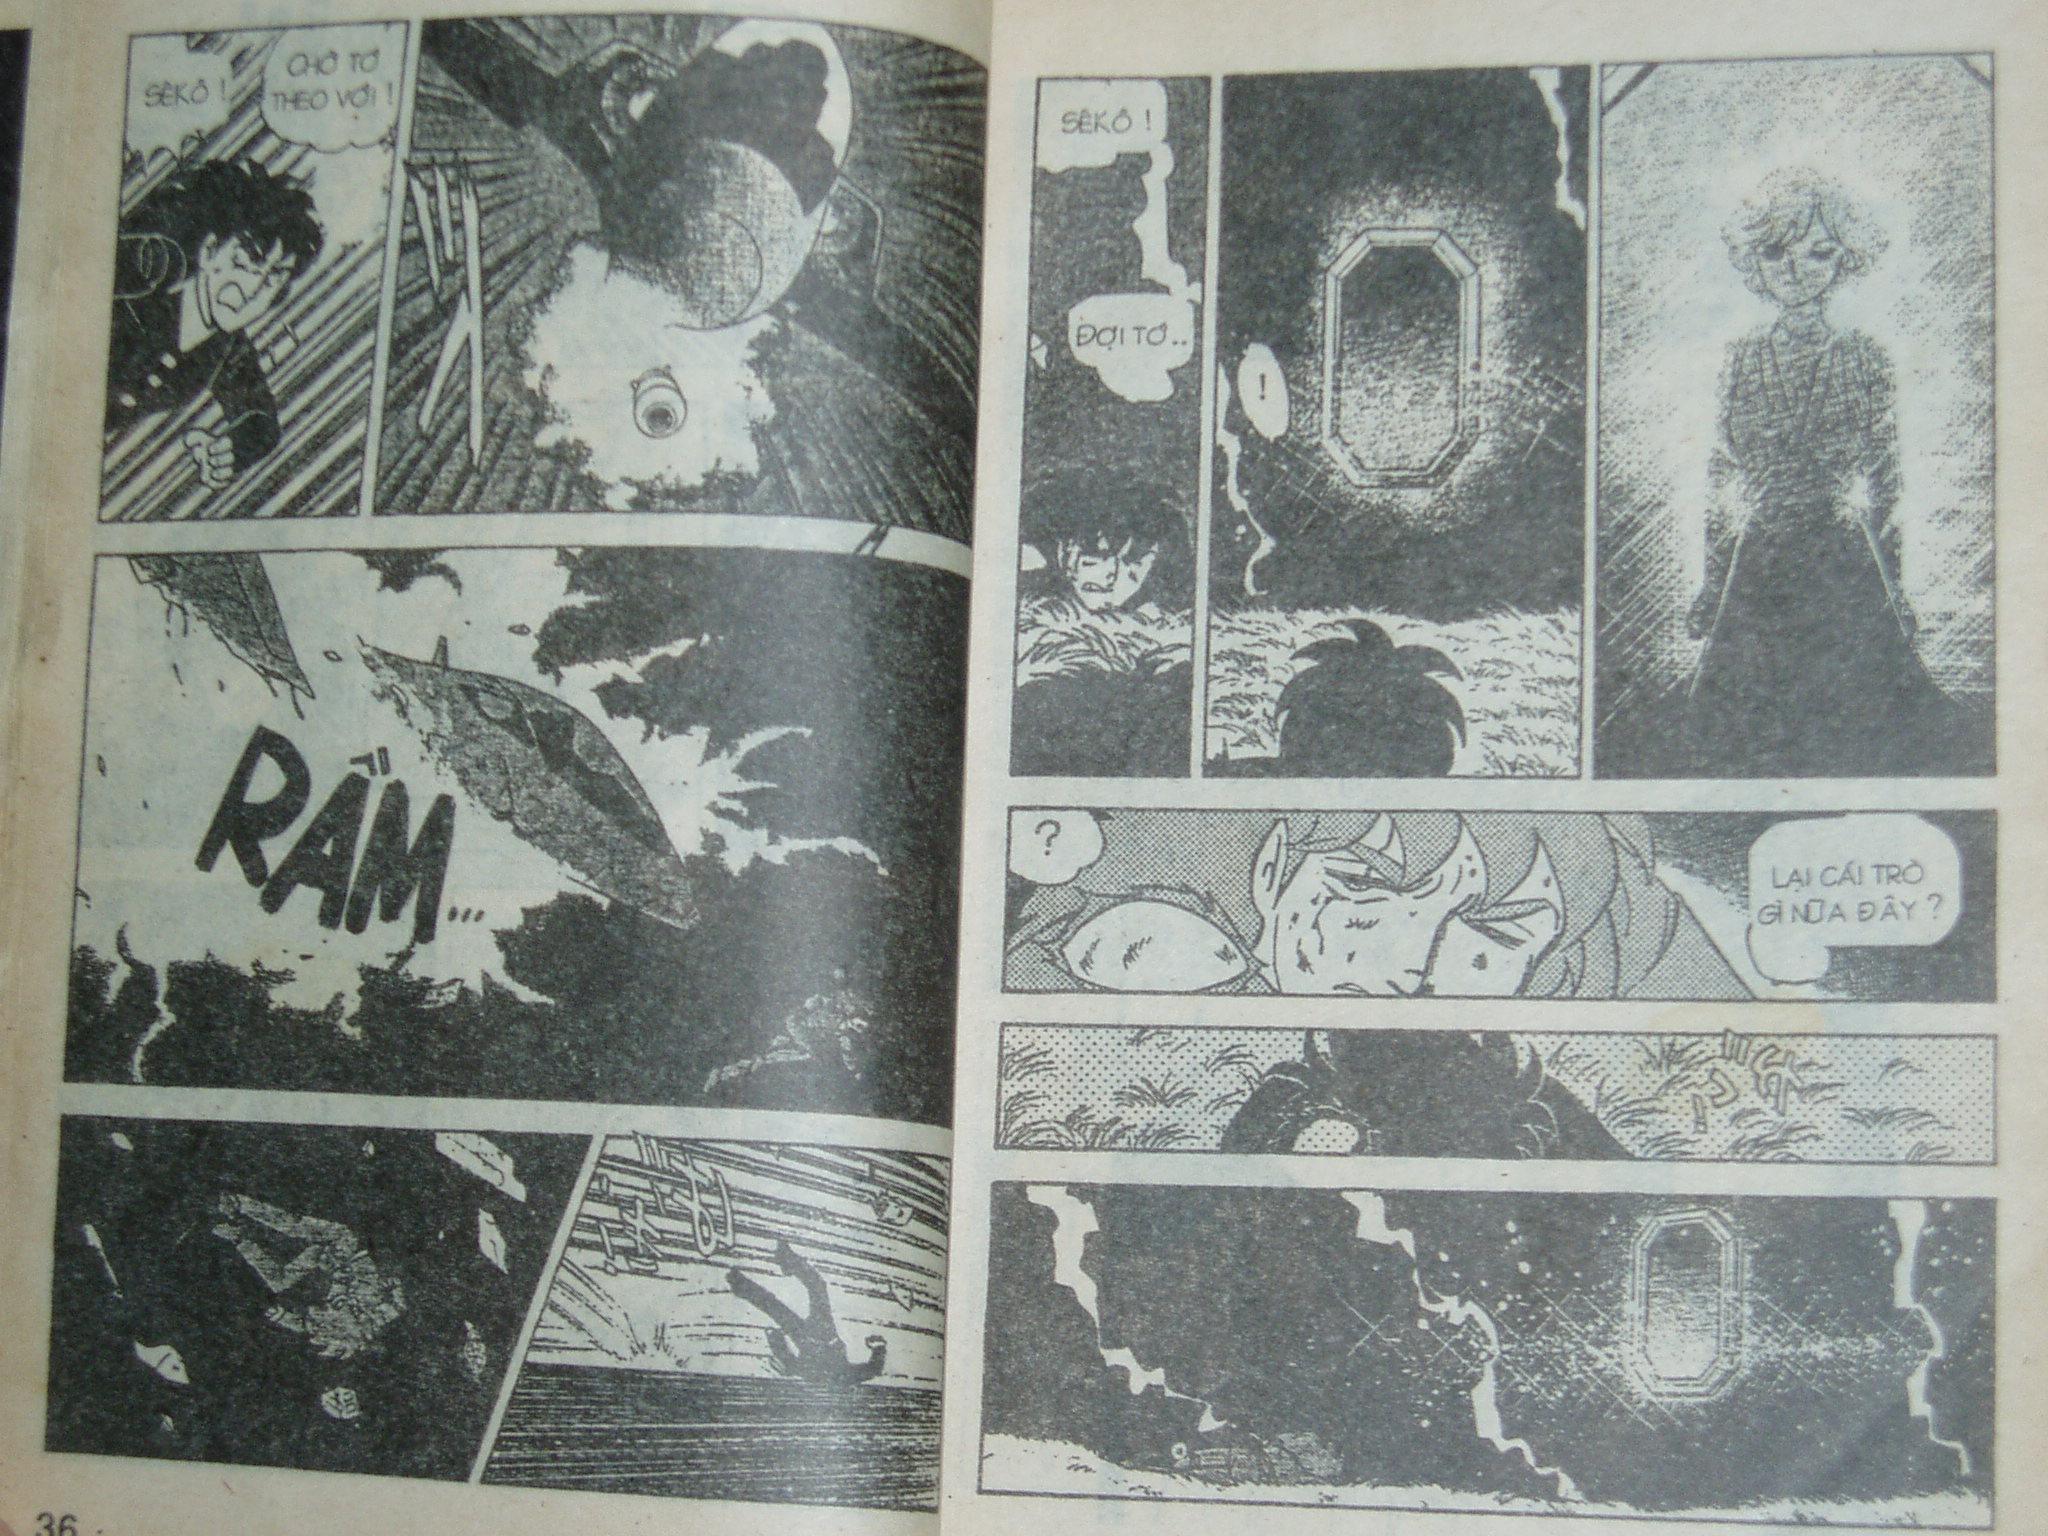 Siêu nhân Locke vol 17 trang 17